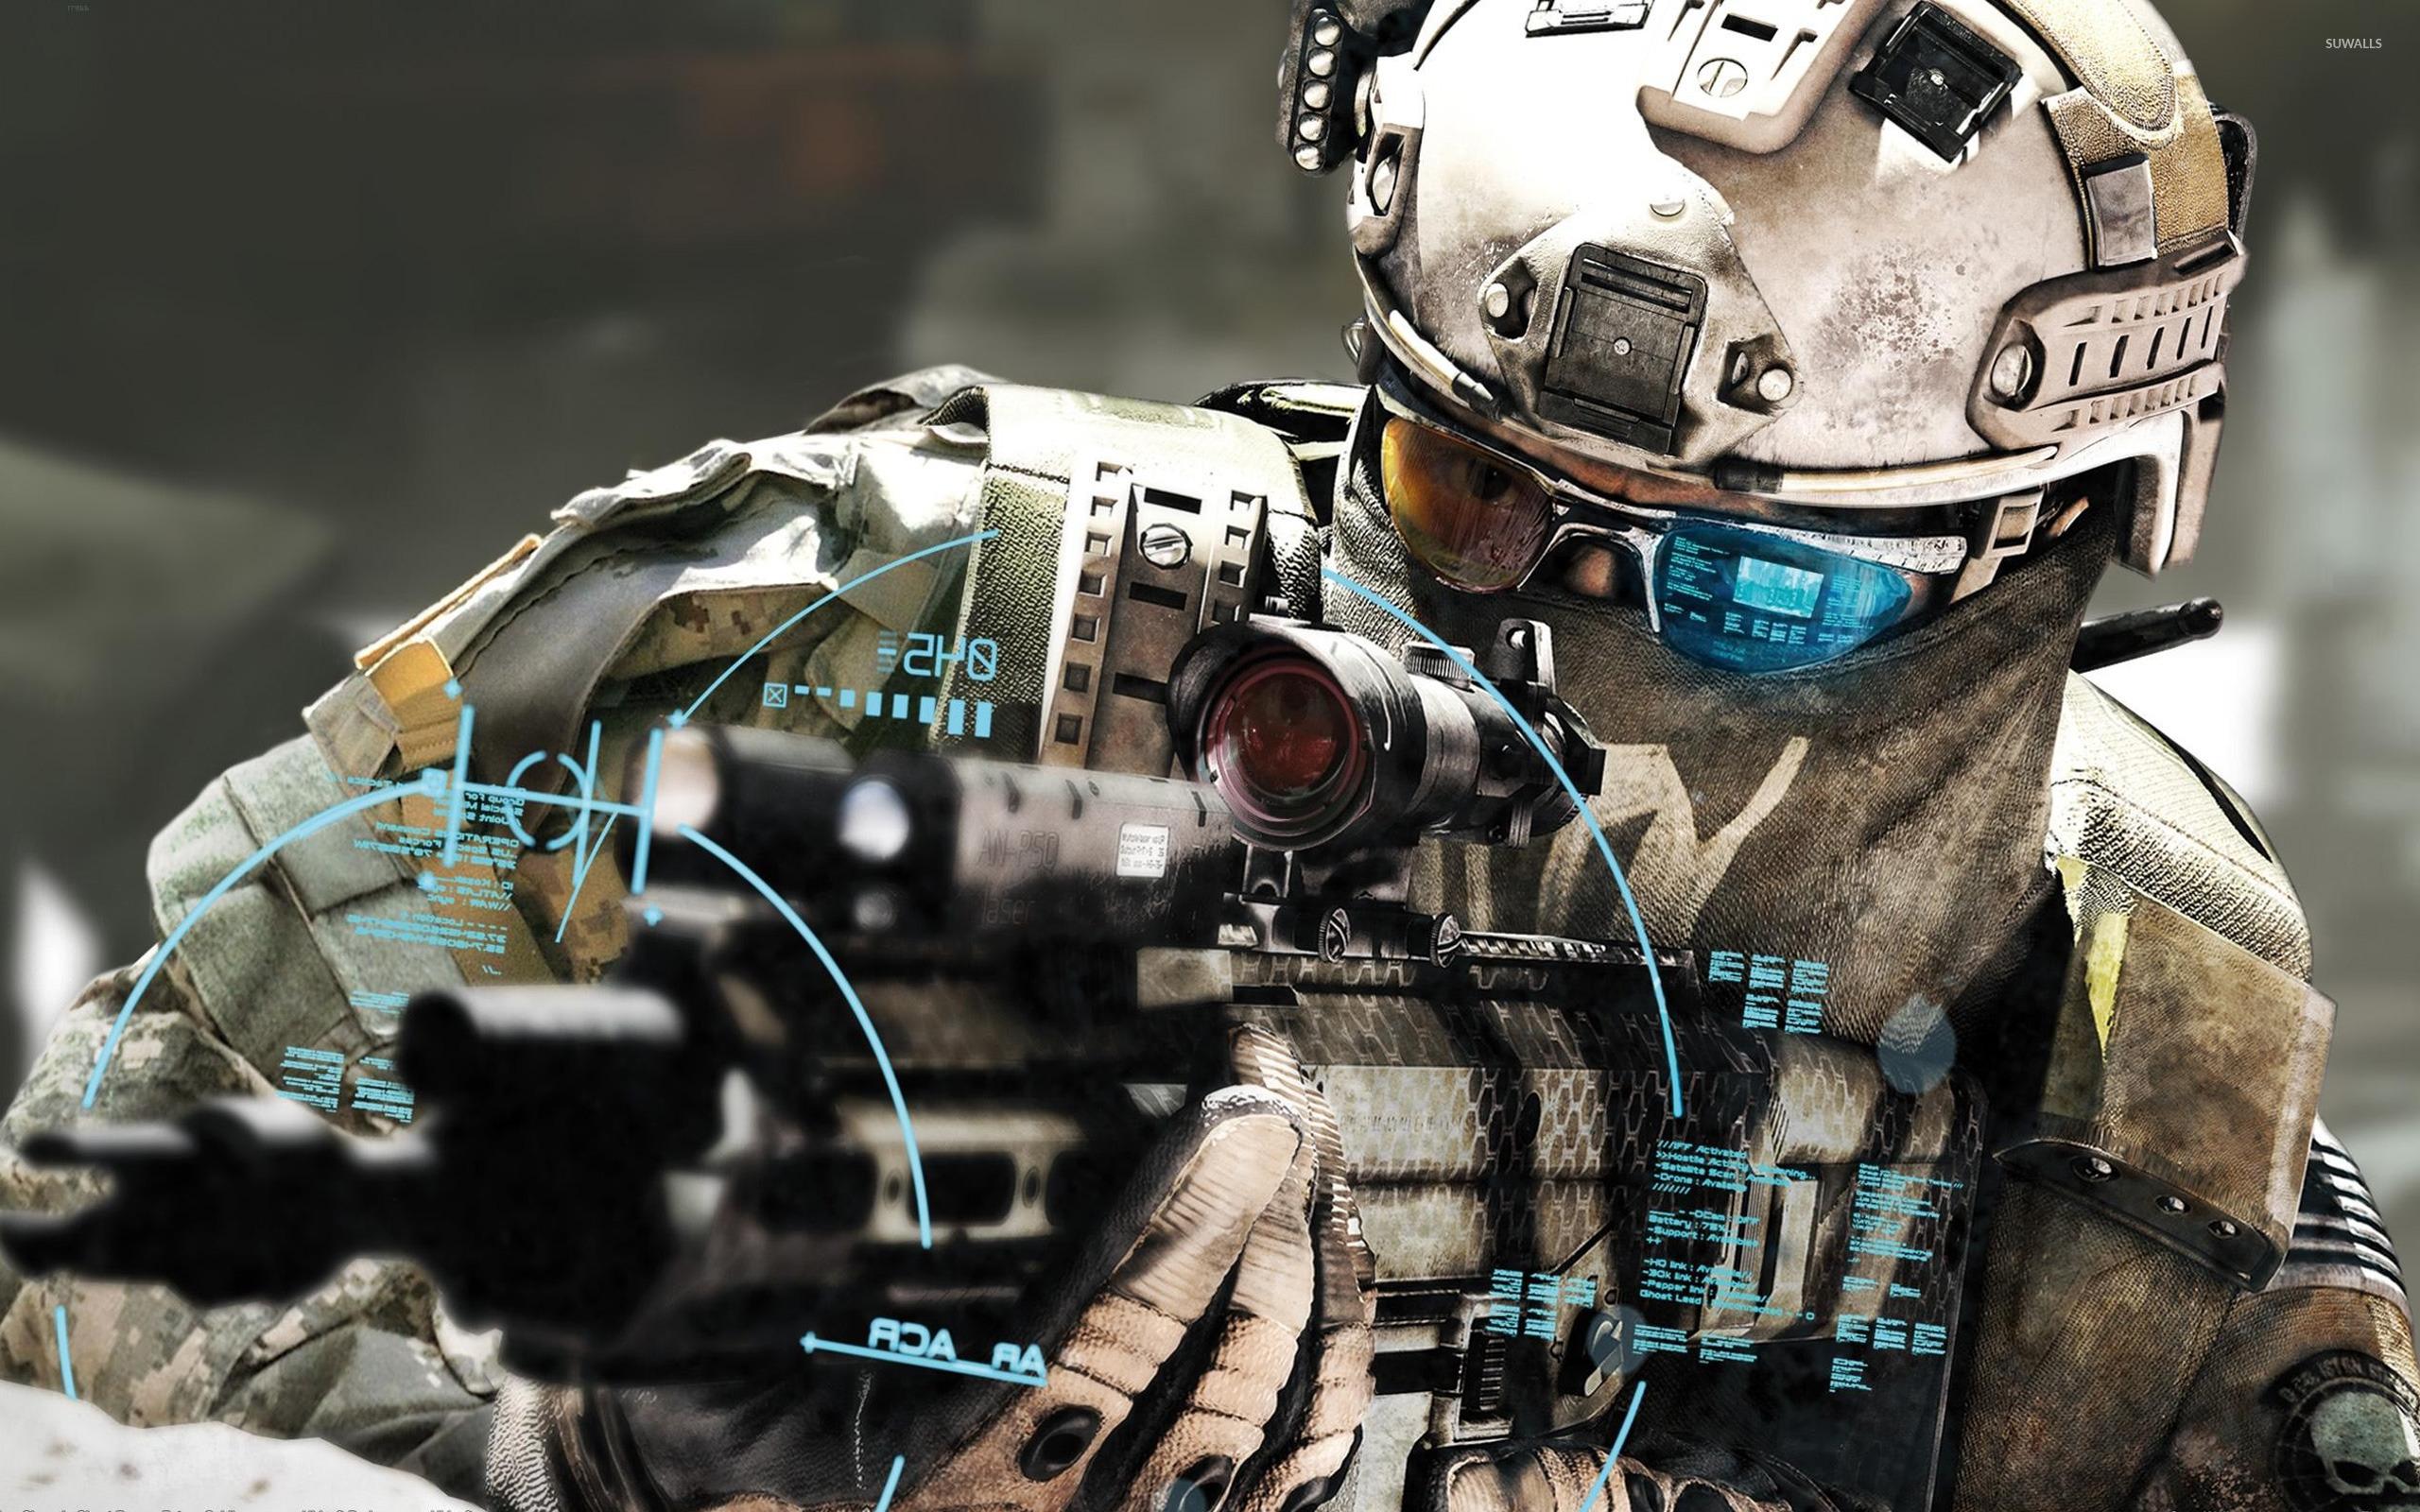 42+ 4K Gaming Wallpaper on WallpaperSafari